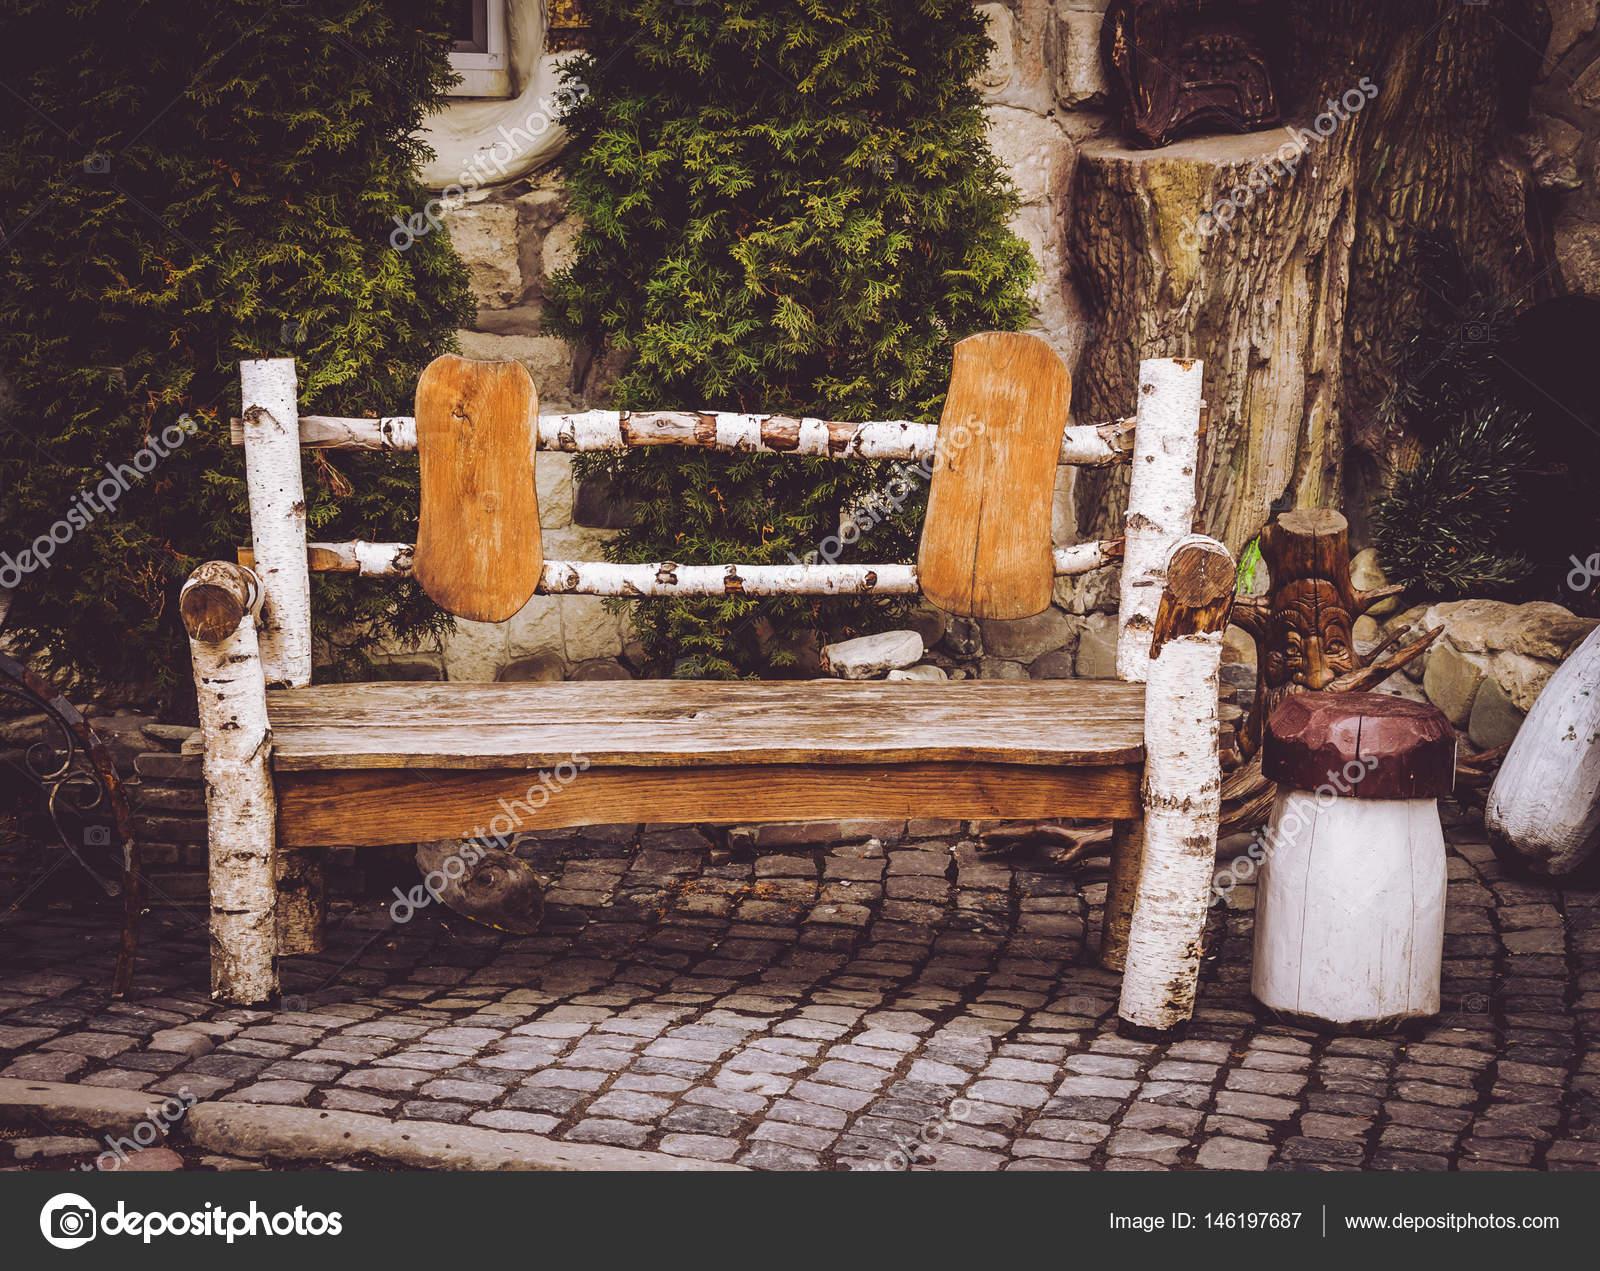 Decorazioni In Legno Per Giardino : Panca da giardino in legno decorativo decorazioni in stile